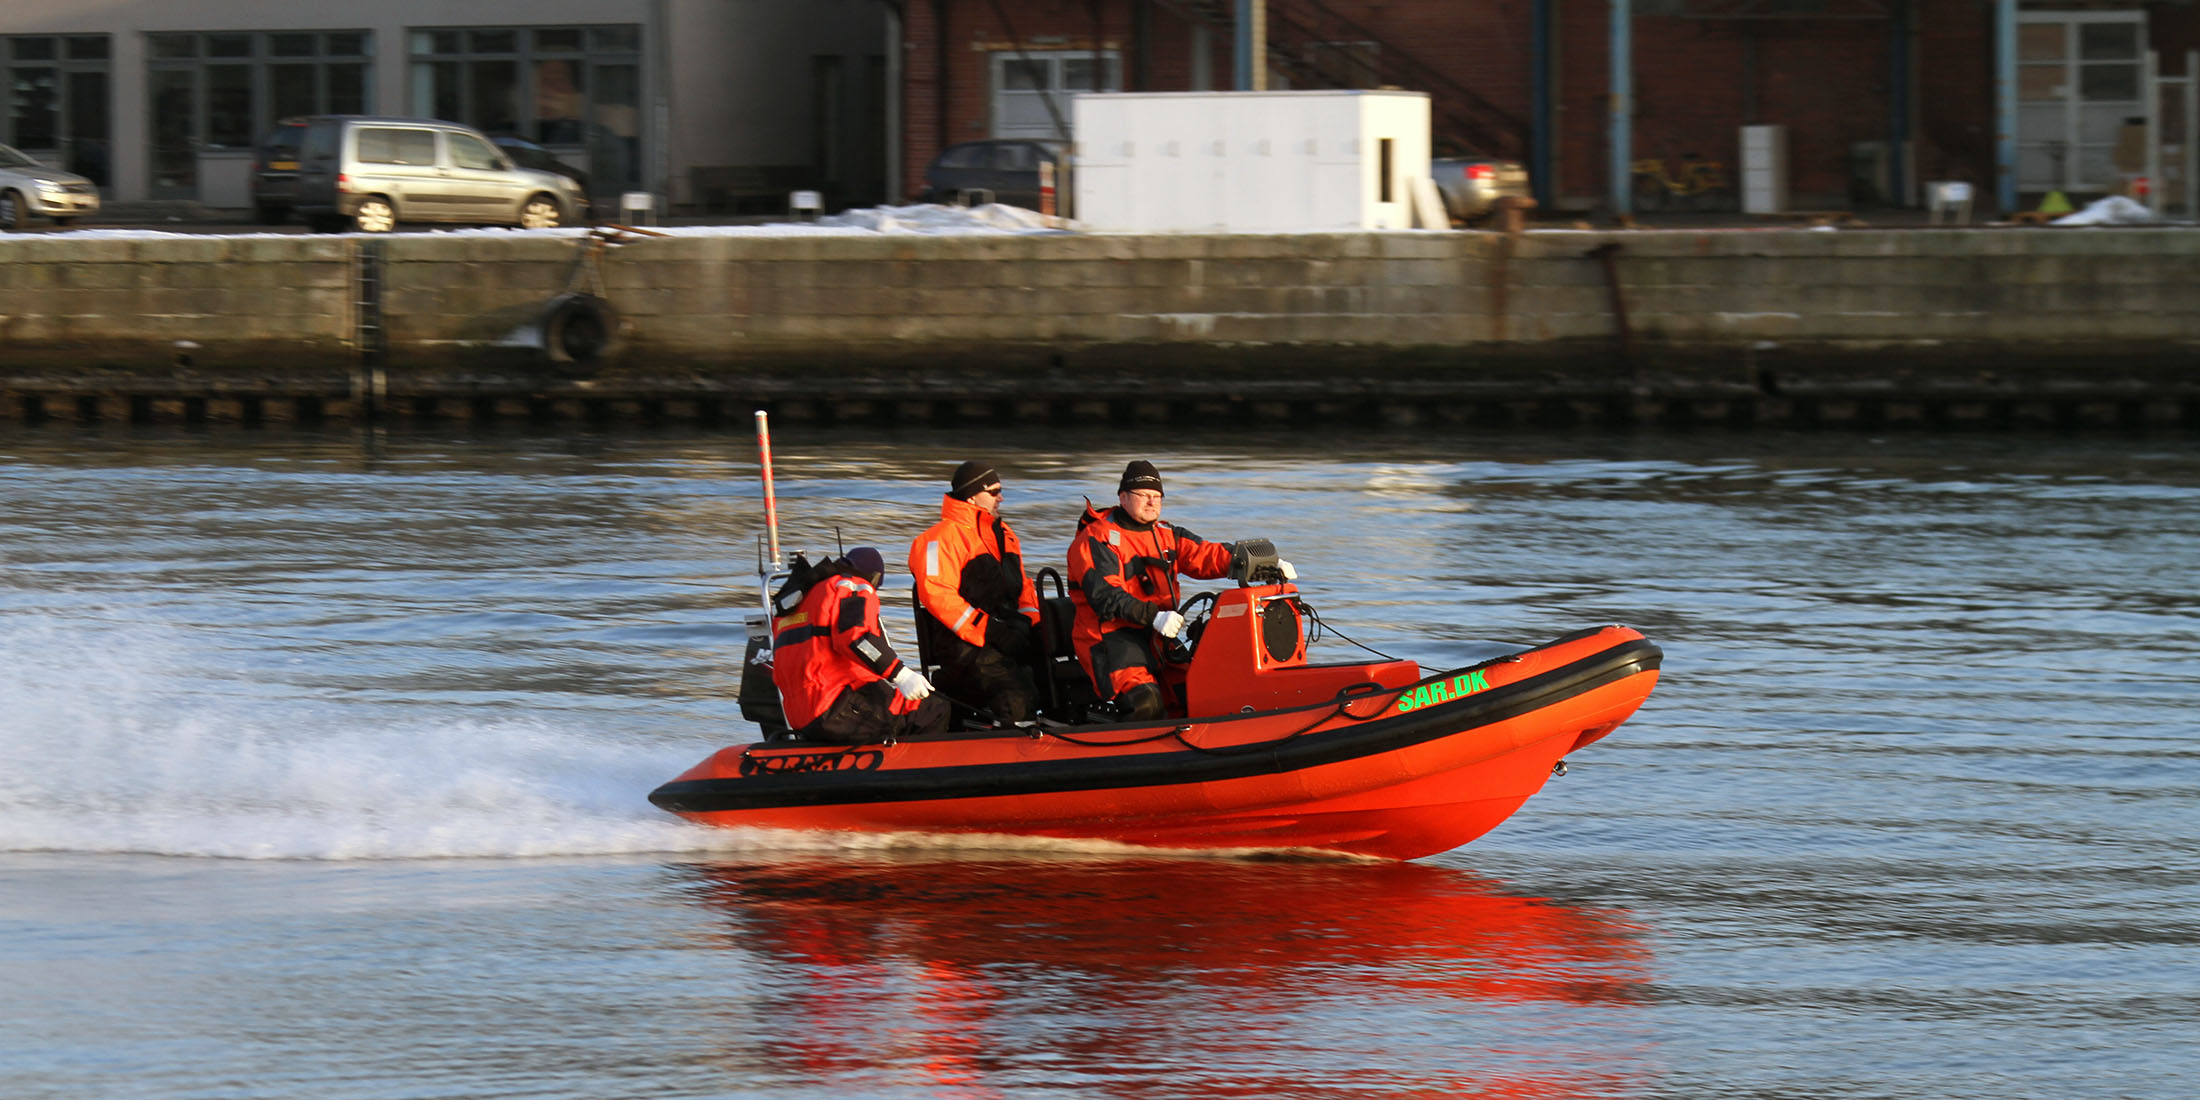 Rescue, offshore, military and police boats. Tornado 4.8m multi purpose RIB